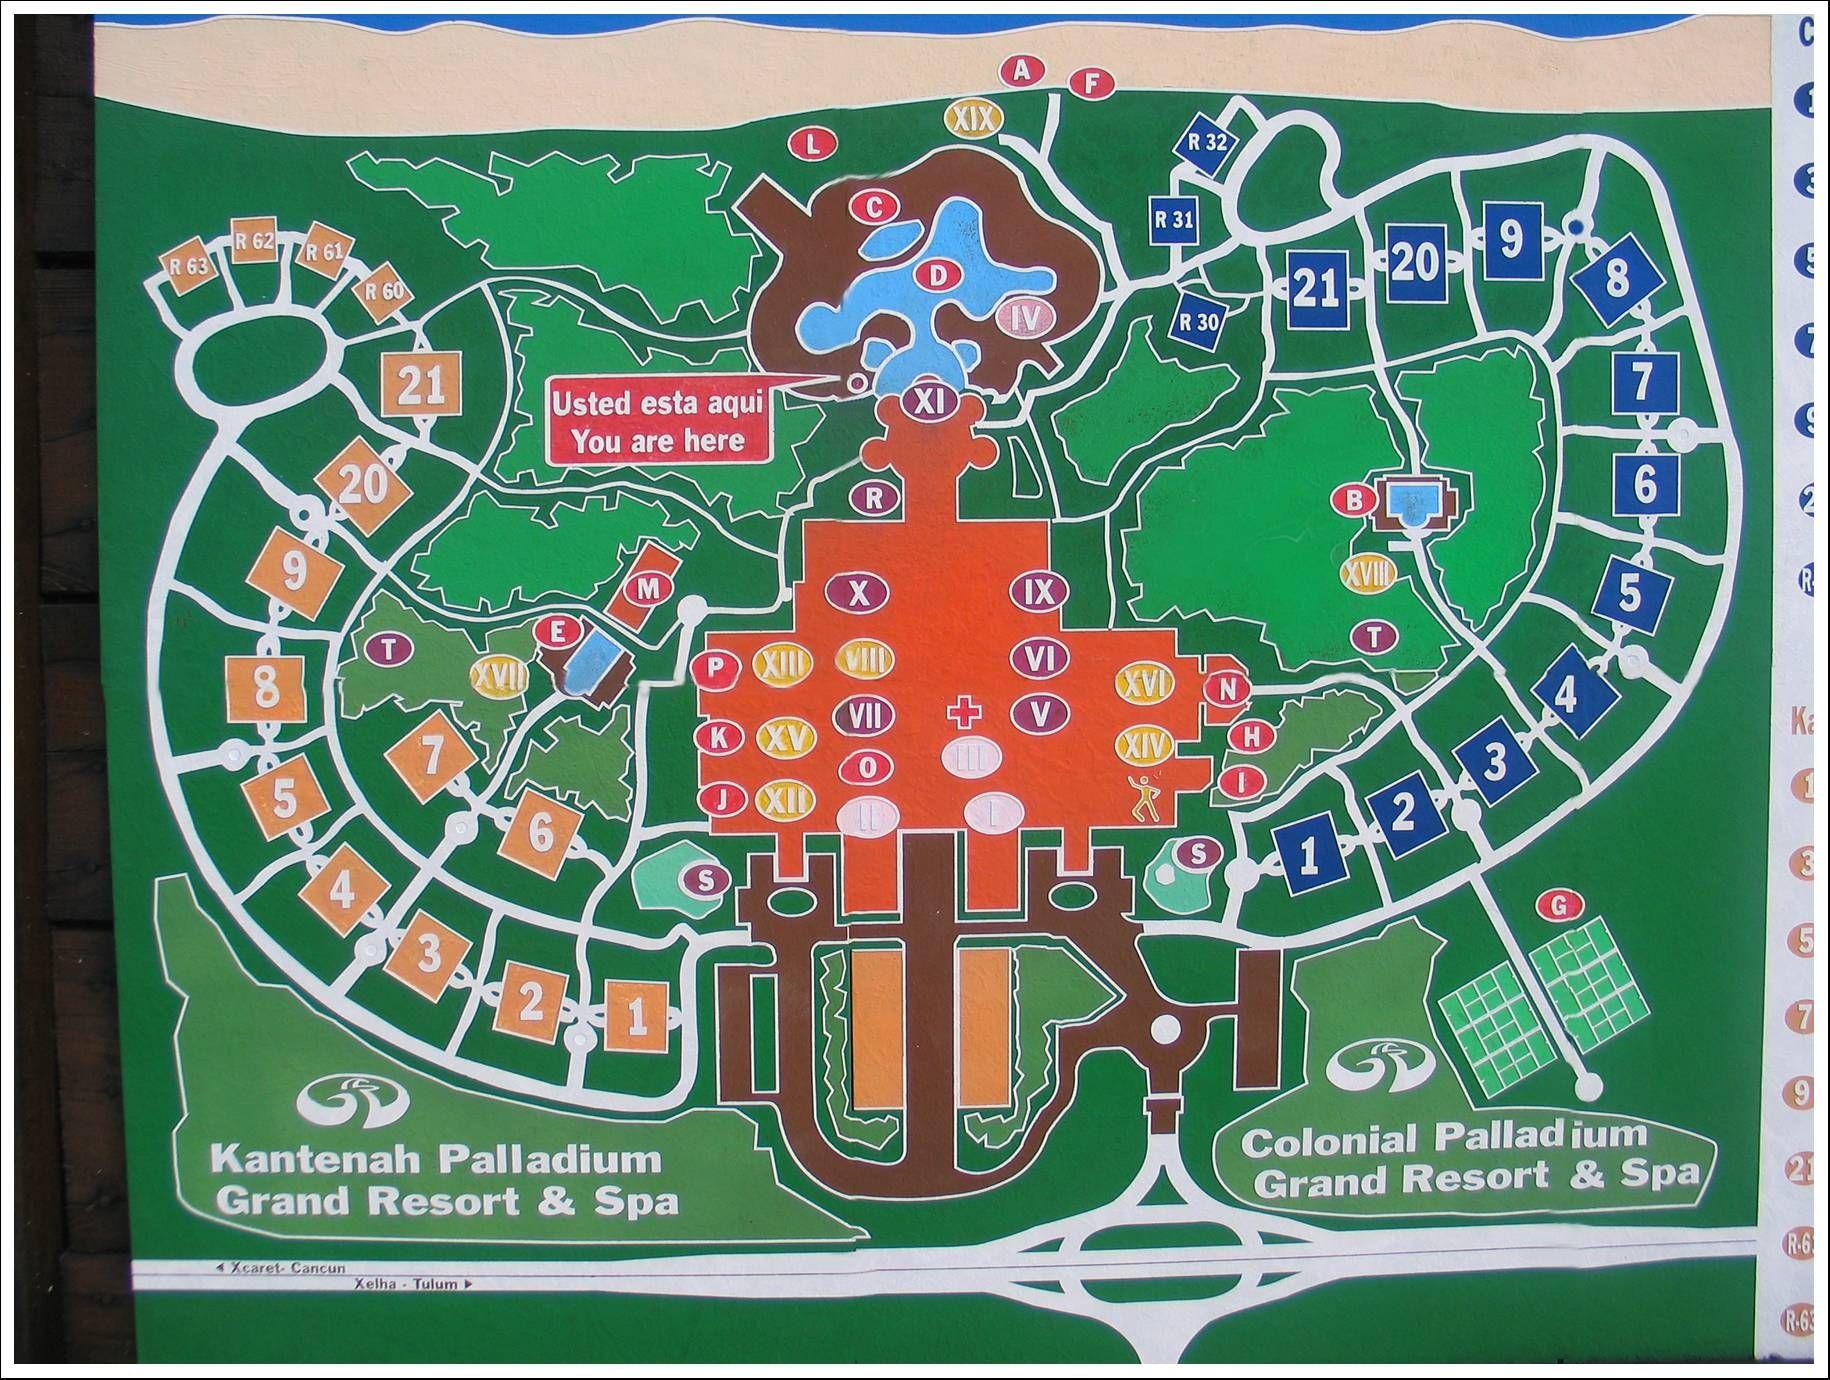 Grand Palladium Kantenah Resort Map Bing Images Mexico